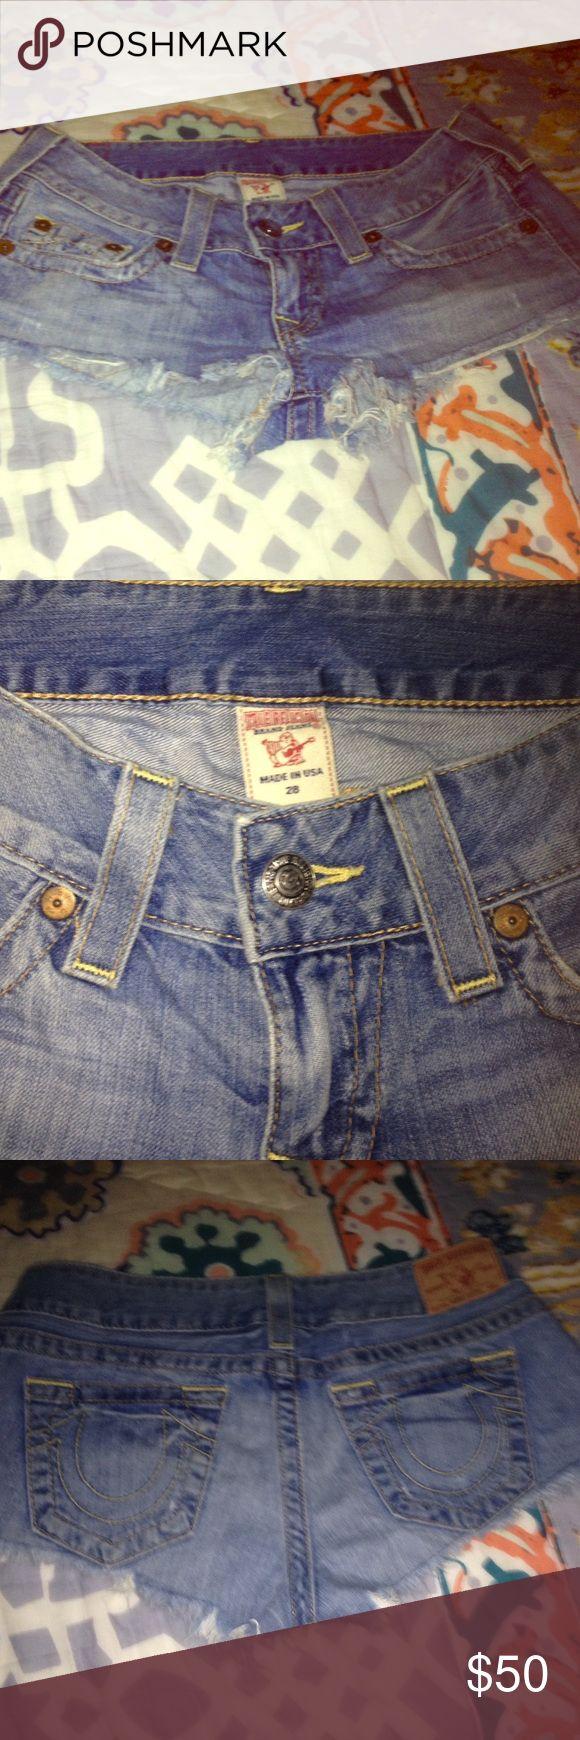 Authentic True Religion Daisy Duke Shorts Size 28 cutoff jean shorts True Religion Shorts Jean Shorts